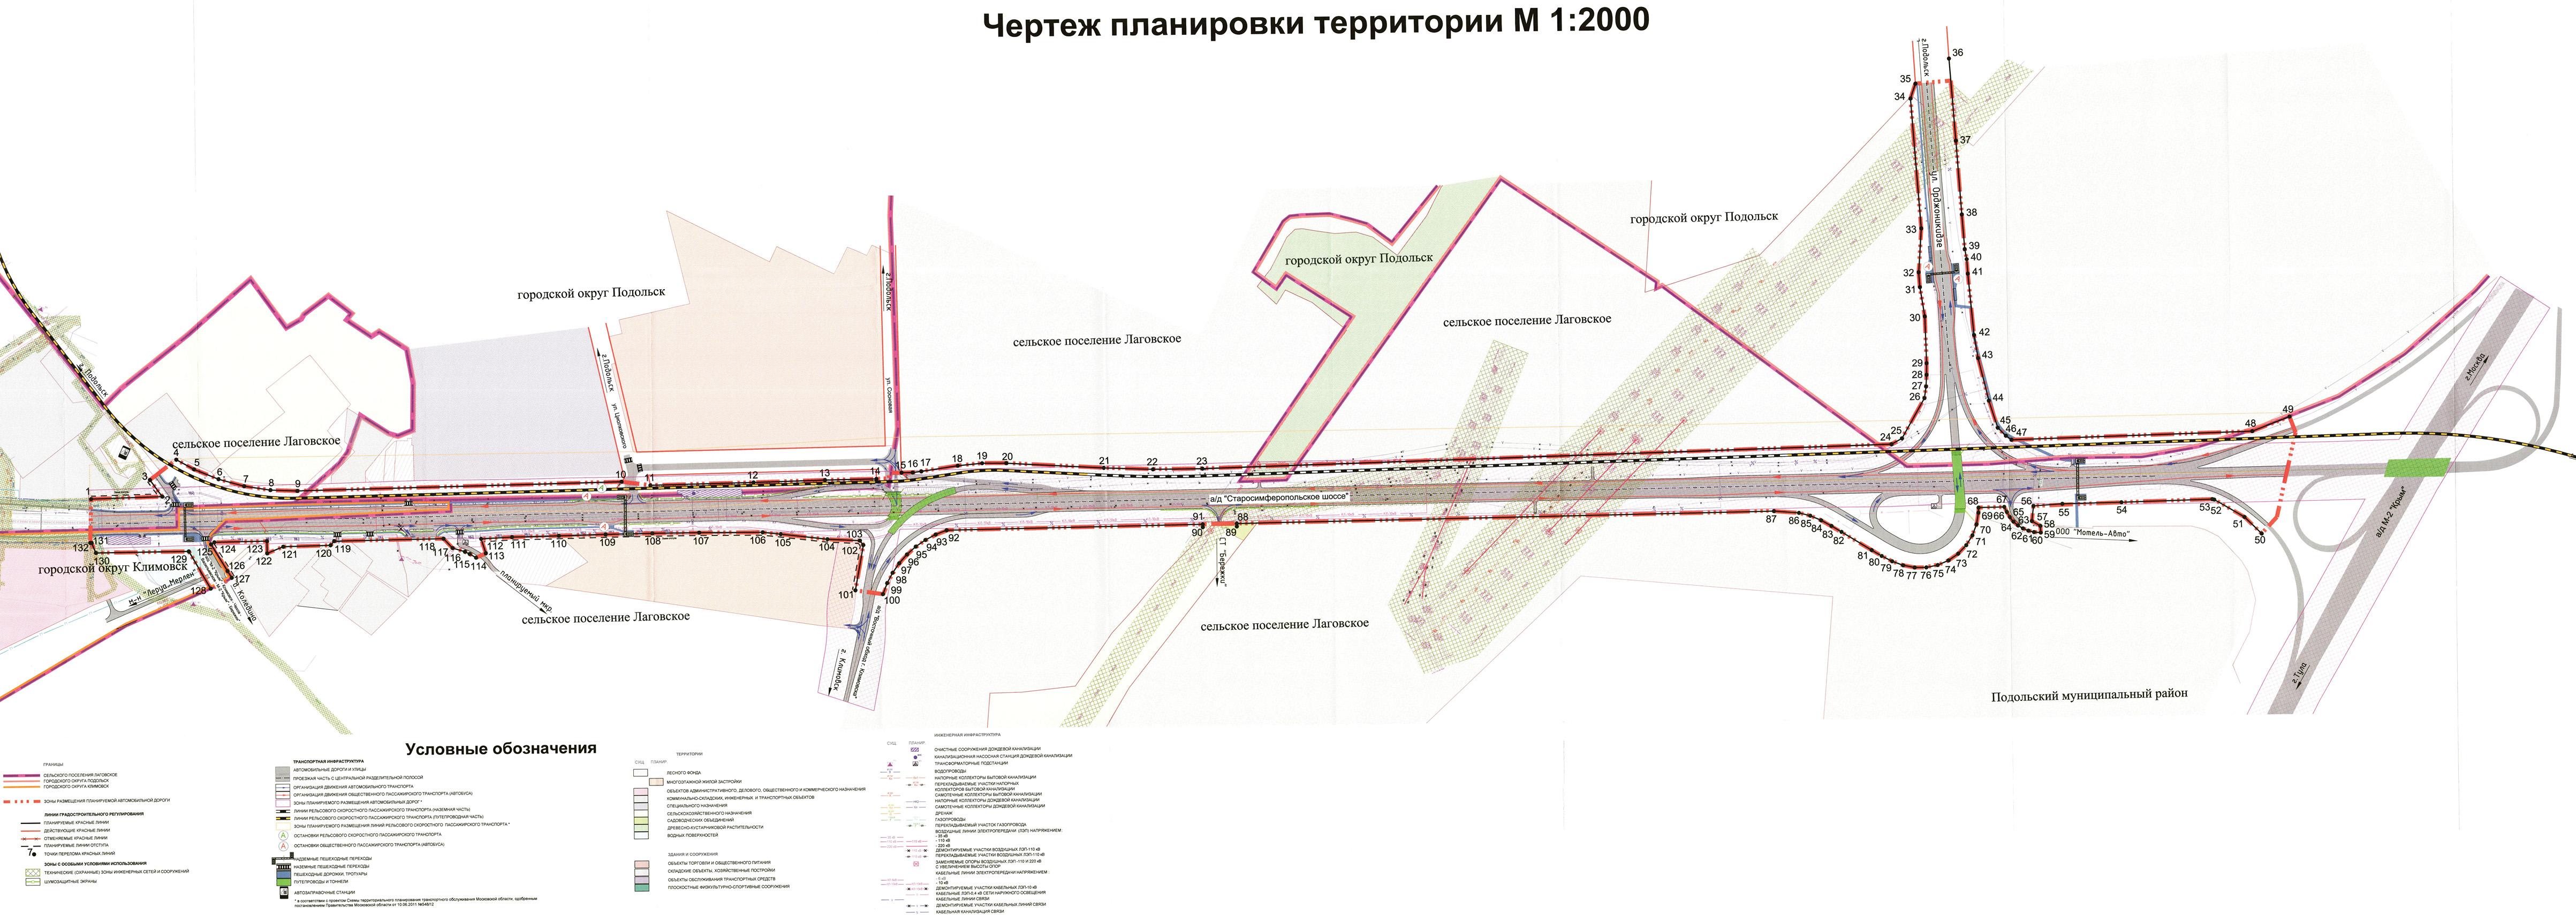 """Строительство новой дороги в обход Подольска связано с новым микрорайоном Подольска  """"Кузнечики """". http..."""